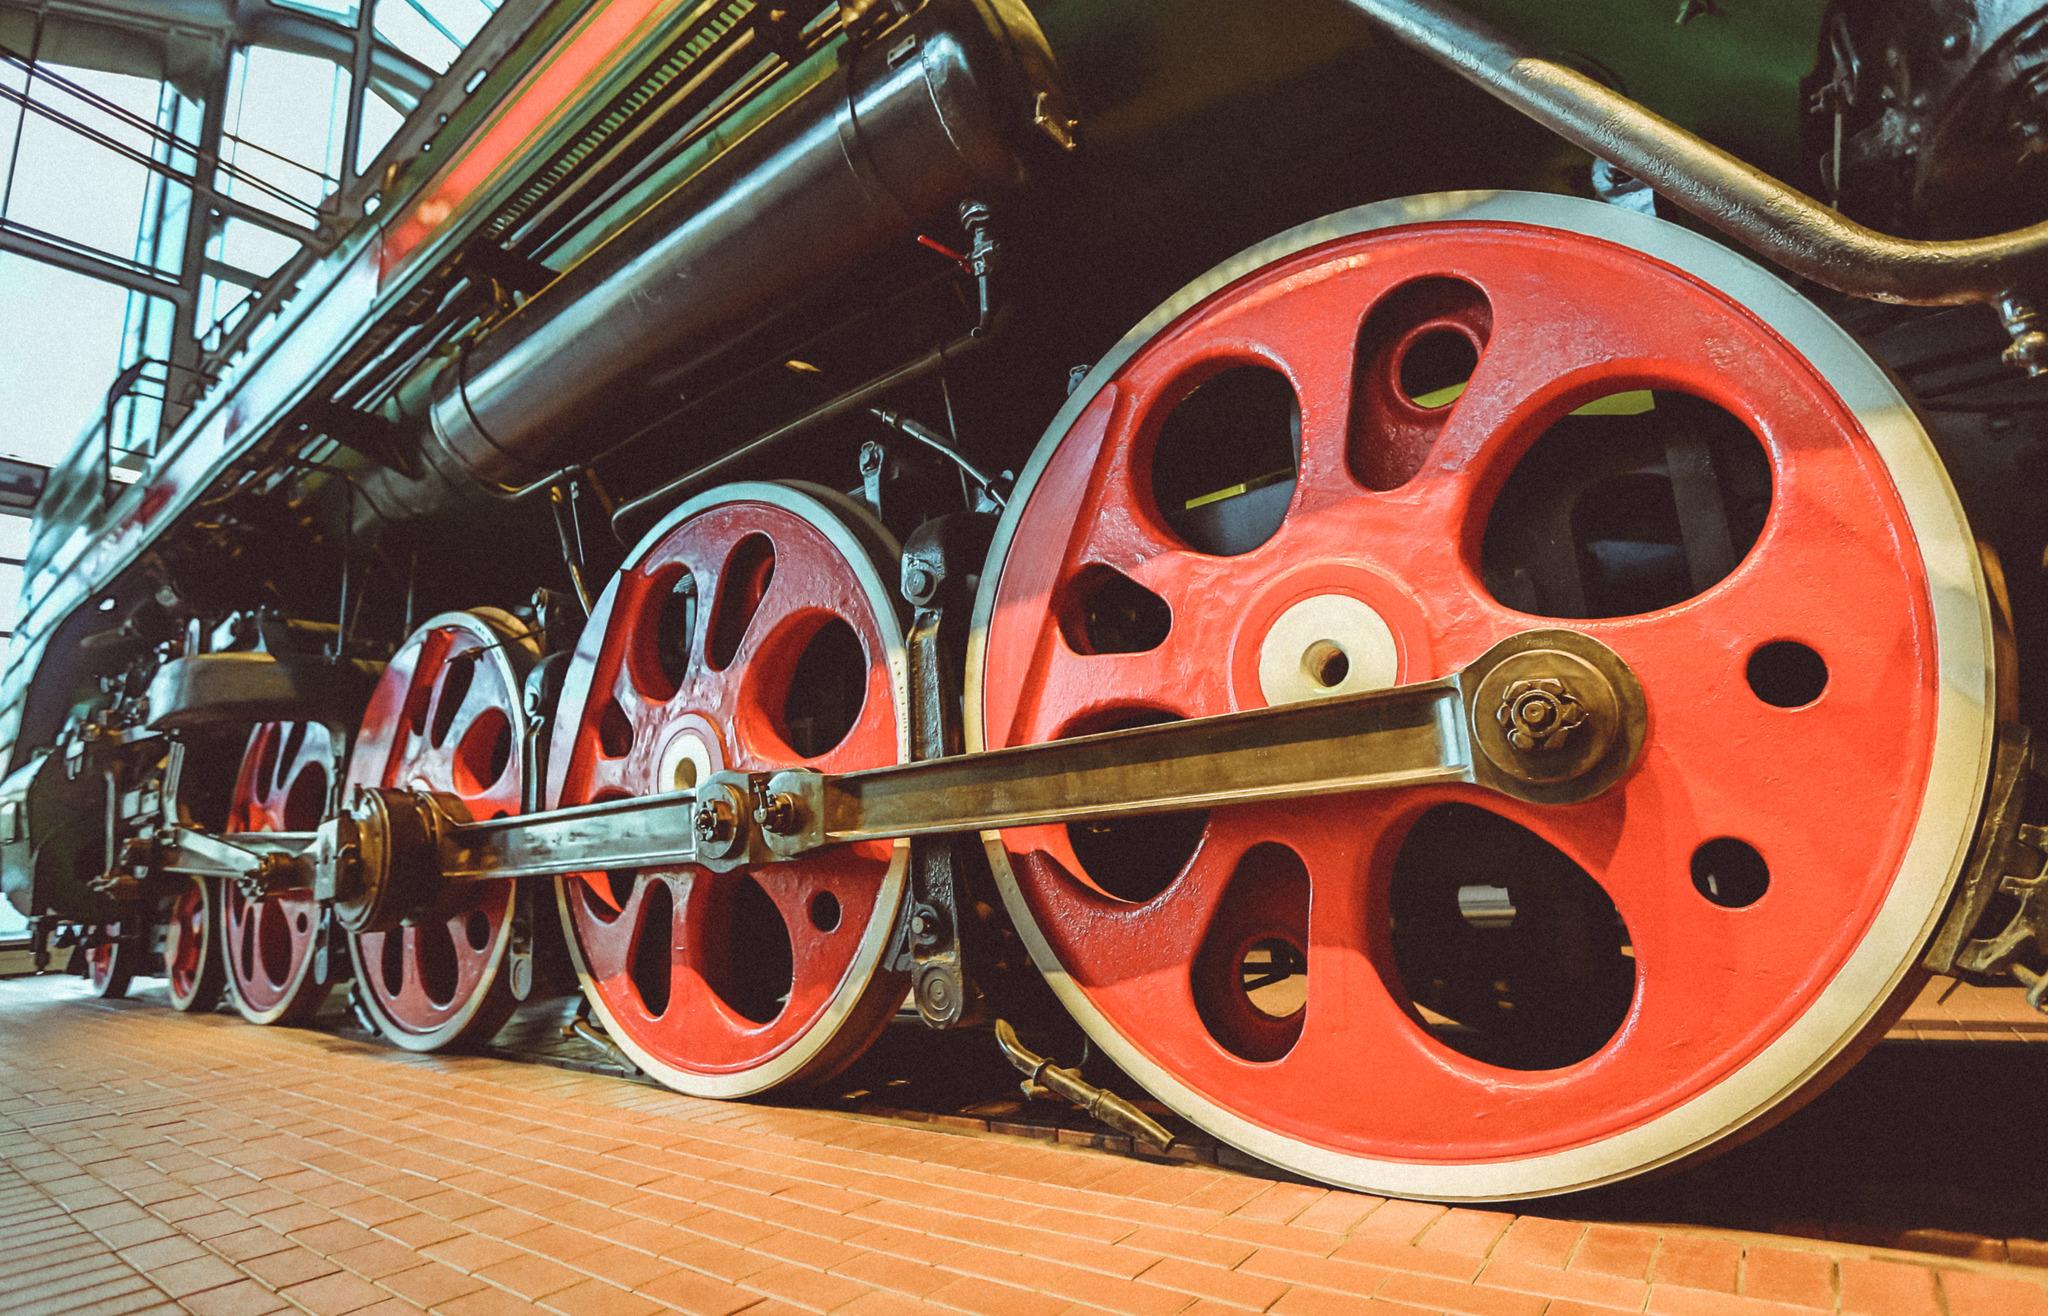 Не будоражат нас давно ни паровозные свистки, ни пароходные гудки... паровоз, паровоза, серии, паровозов, паровозы, завода, заводах, заводе, построен, заказу, тендера, американских, строились, паровозтанк, после, введения, получил, Грузовой, этого, Второй